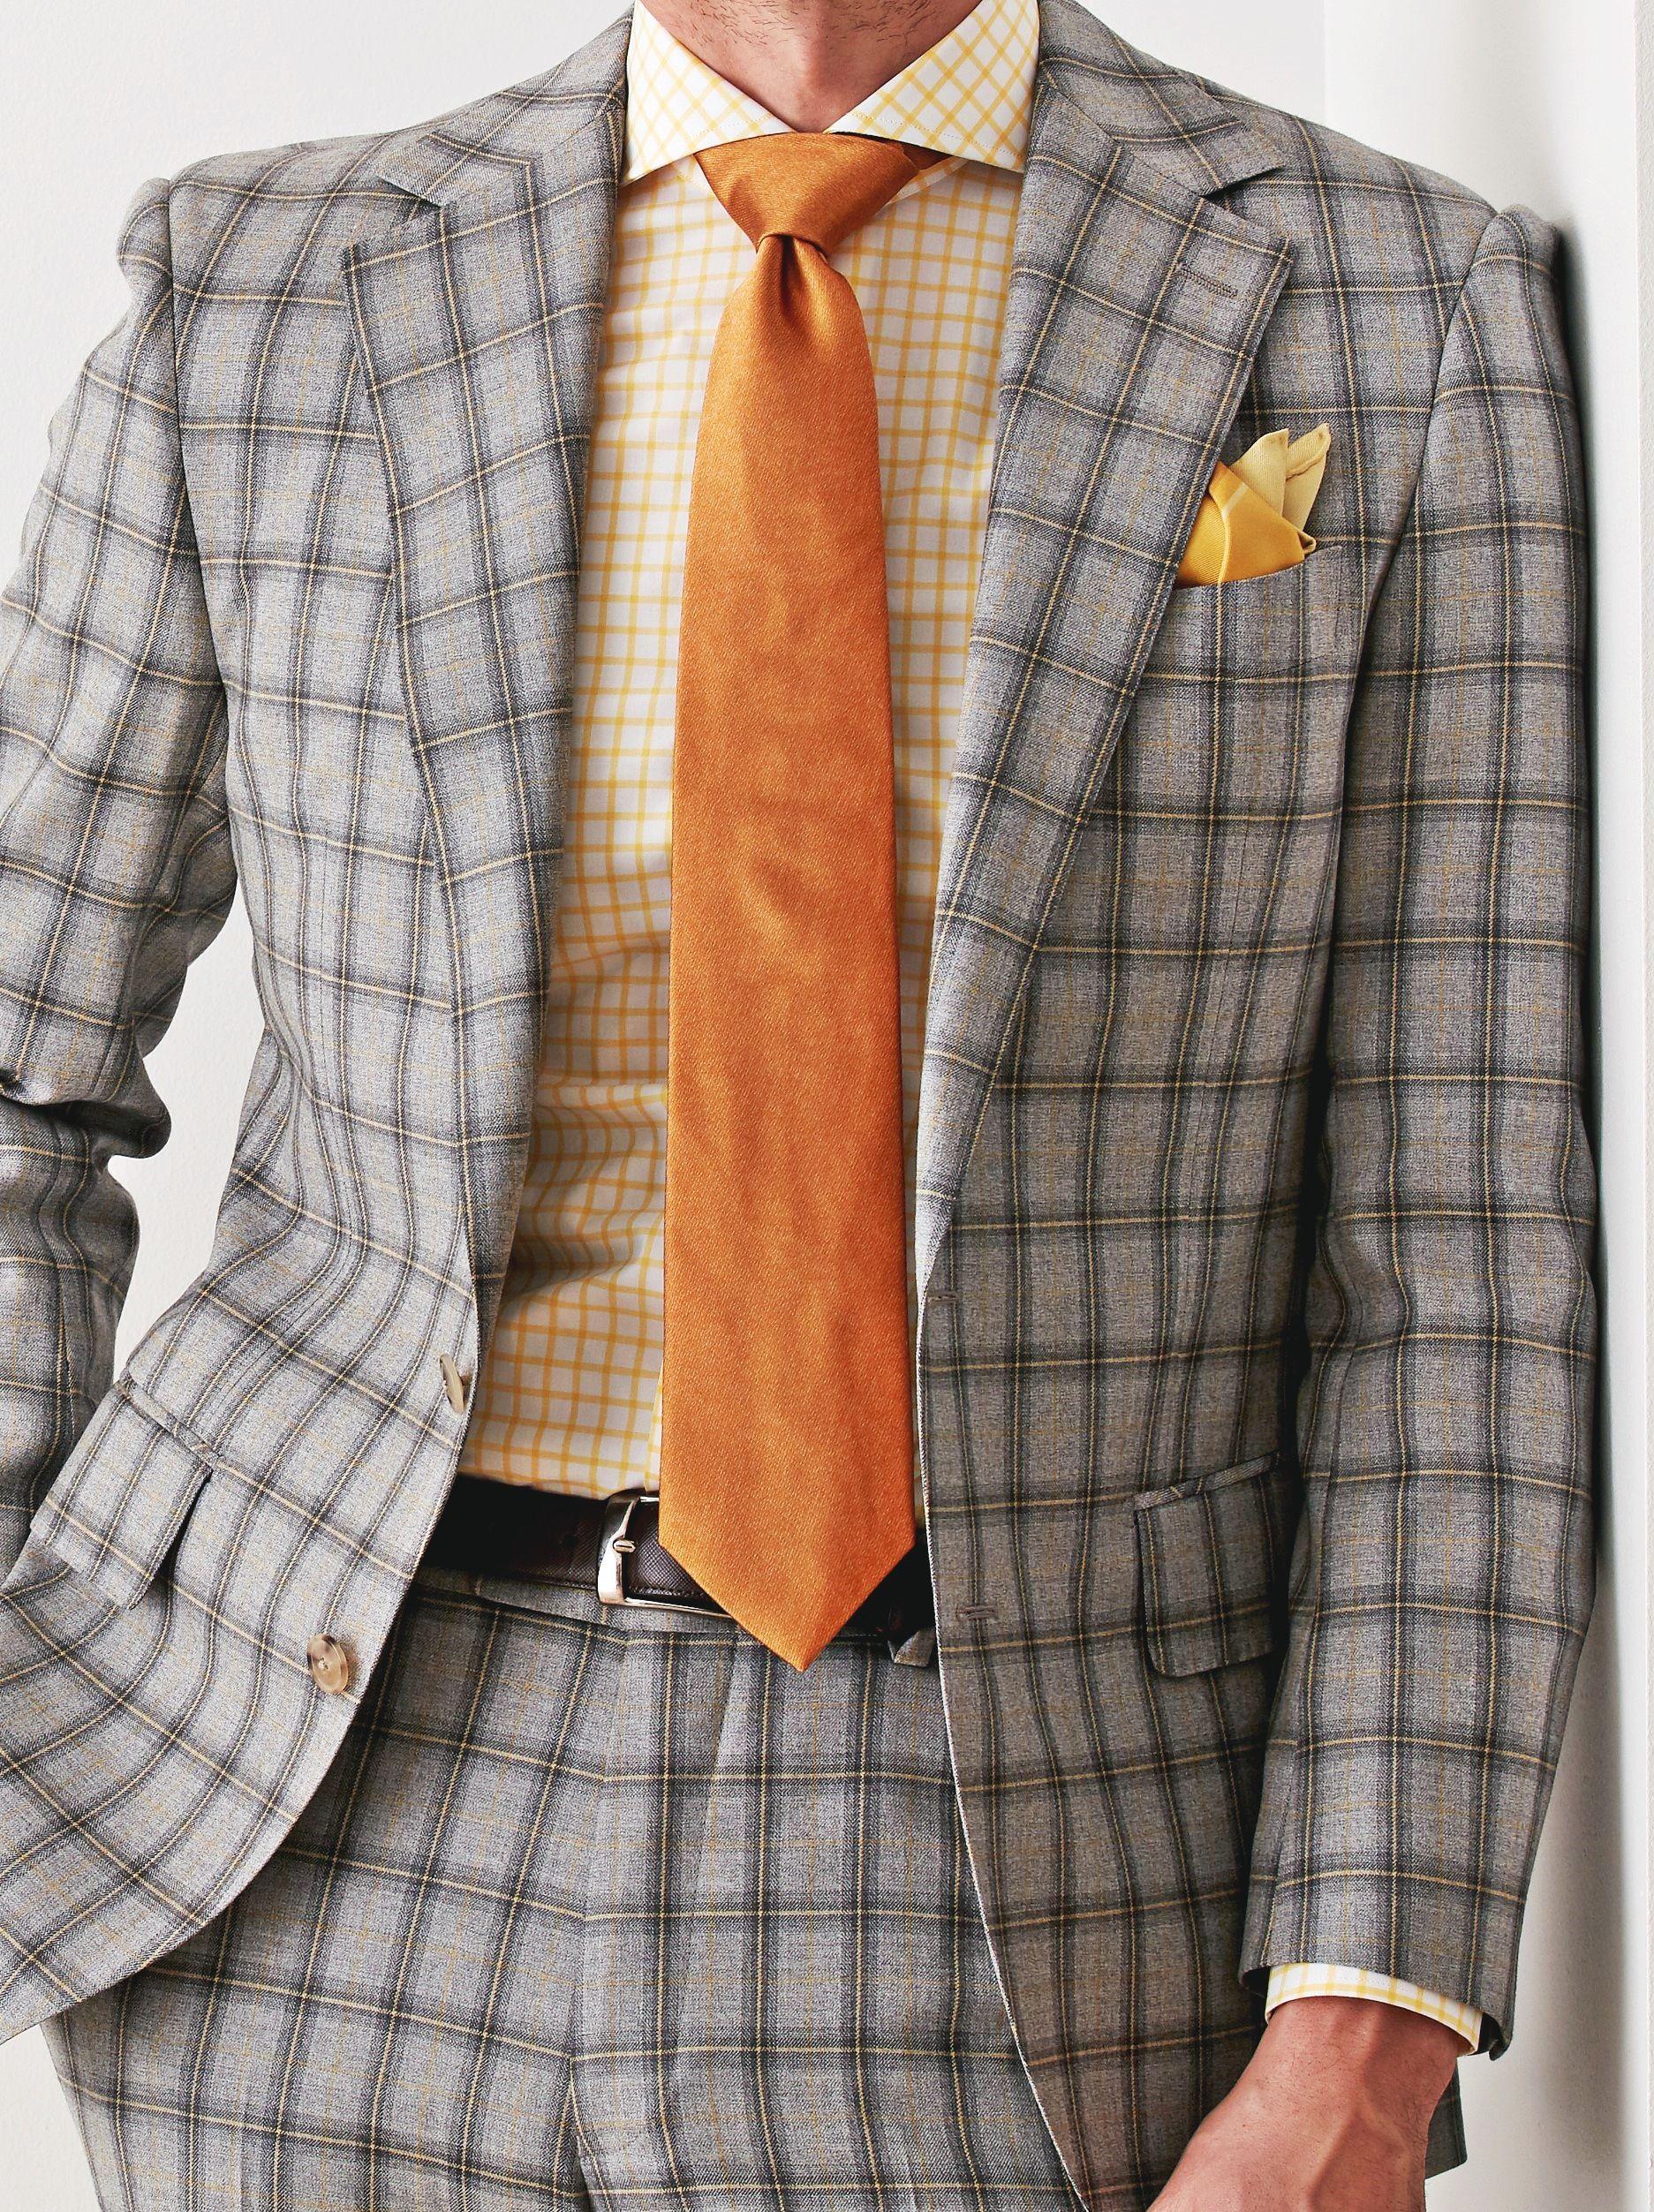 """カジュアルな""""グレーチェック柄""""のスーツ。スーツ生地:イートーマス #fashion #ファッション #suit #スーツ #グローバルスタイル #globalstyle #オーダースーツ"""